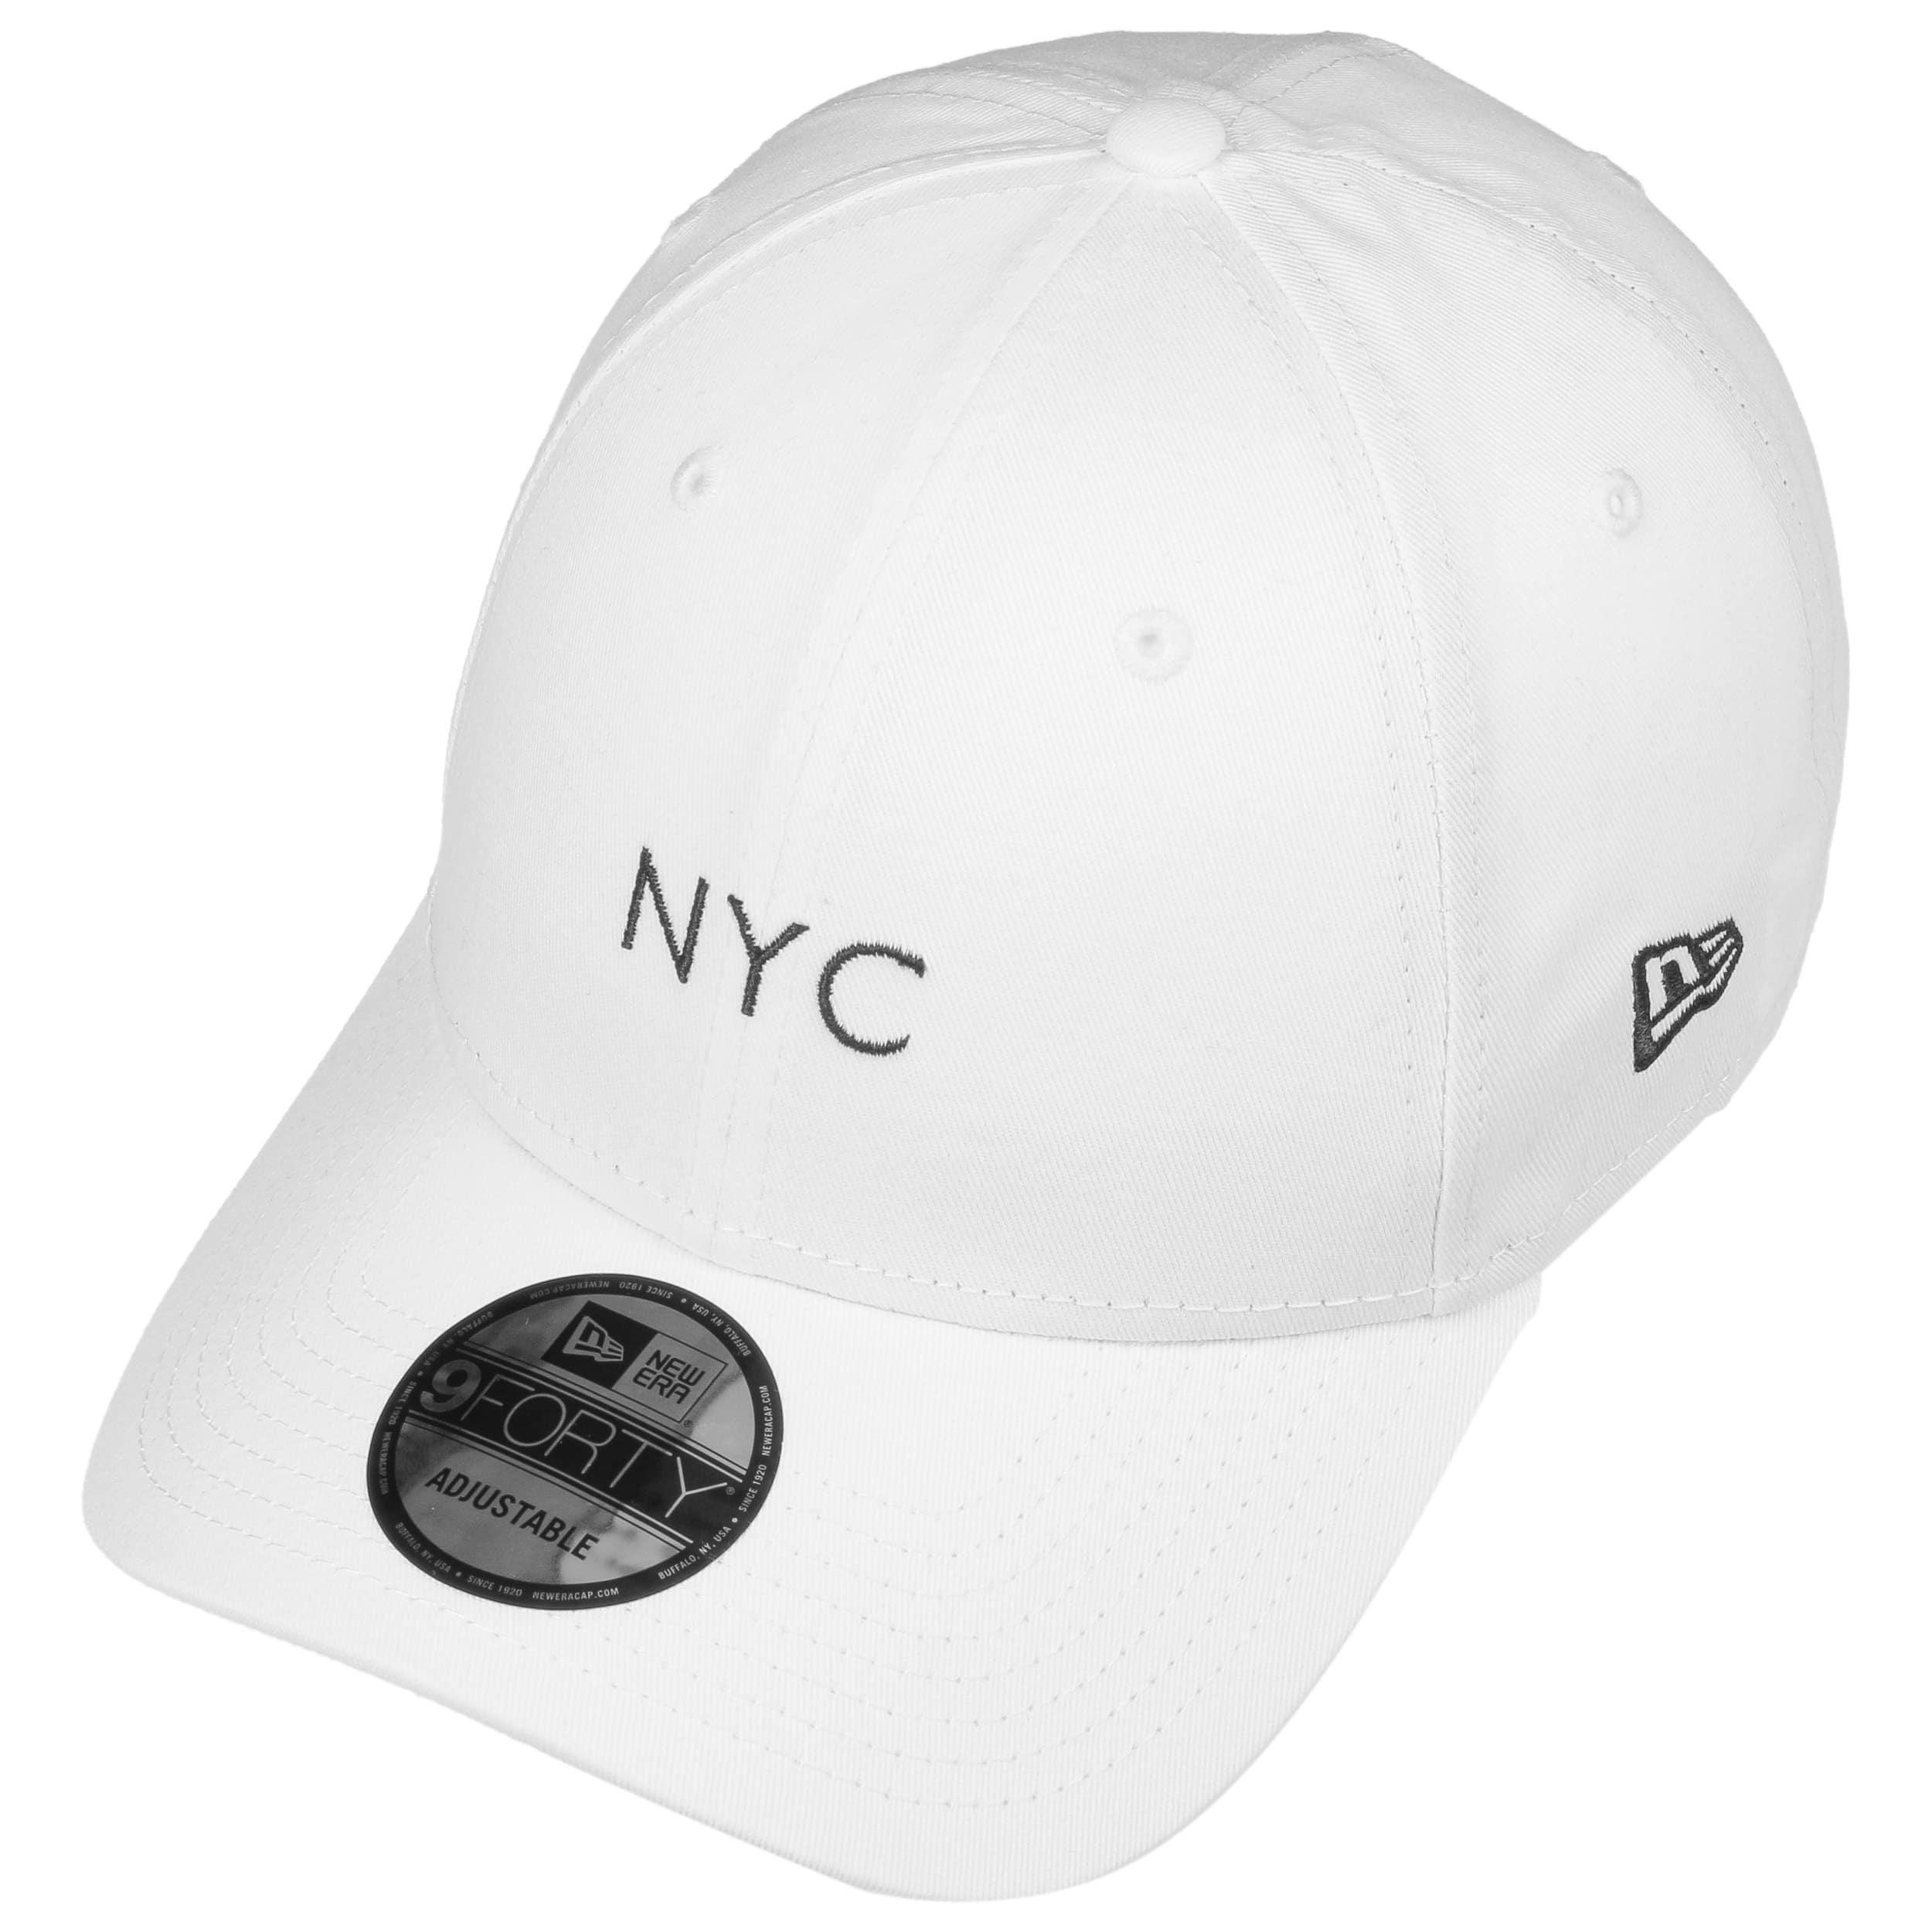 New Era NYC 9forty Adjustable Cap Seasonal